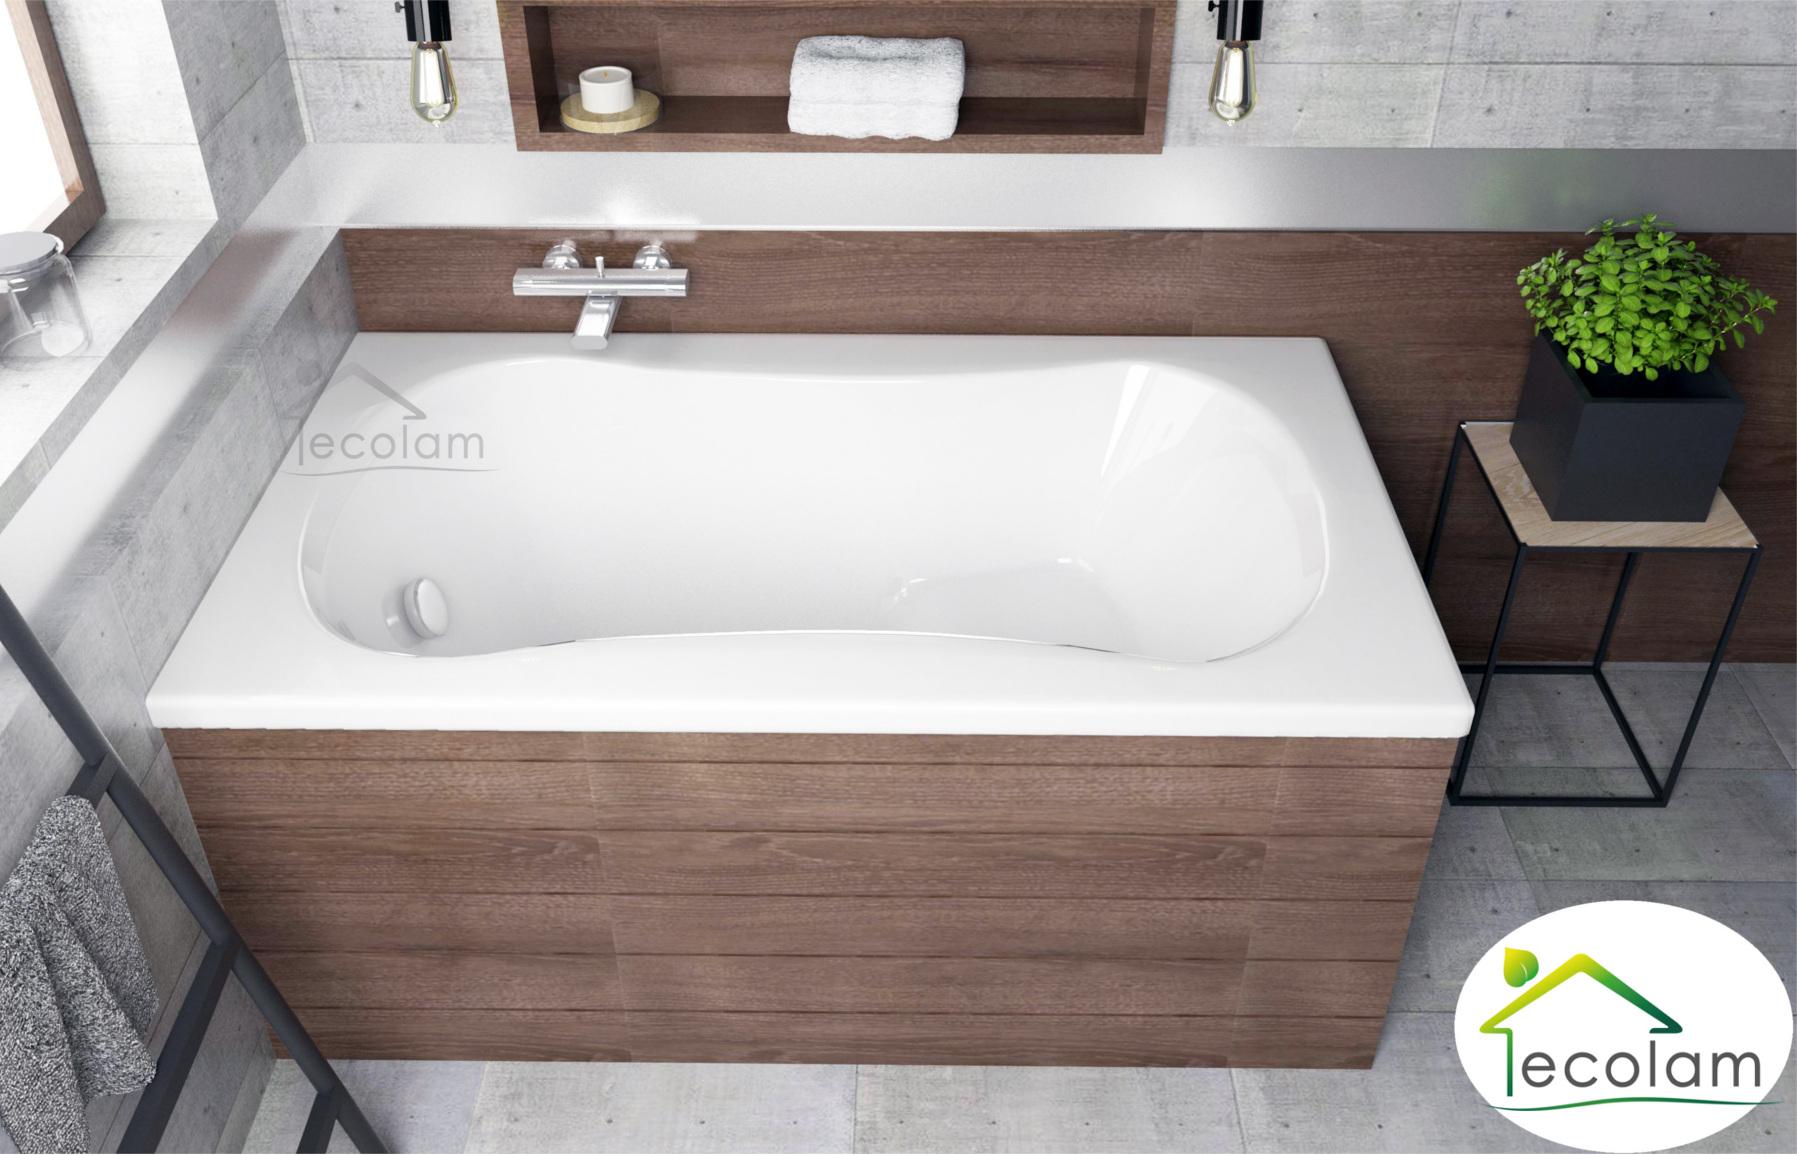 badewanne 120 x 70 wanne rechteck sitzbadewanne mit sitz verkleidung styropor. Black Bedroom Furniture Sets. Home Design Ideas